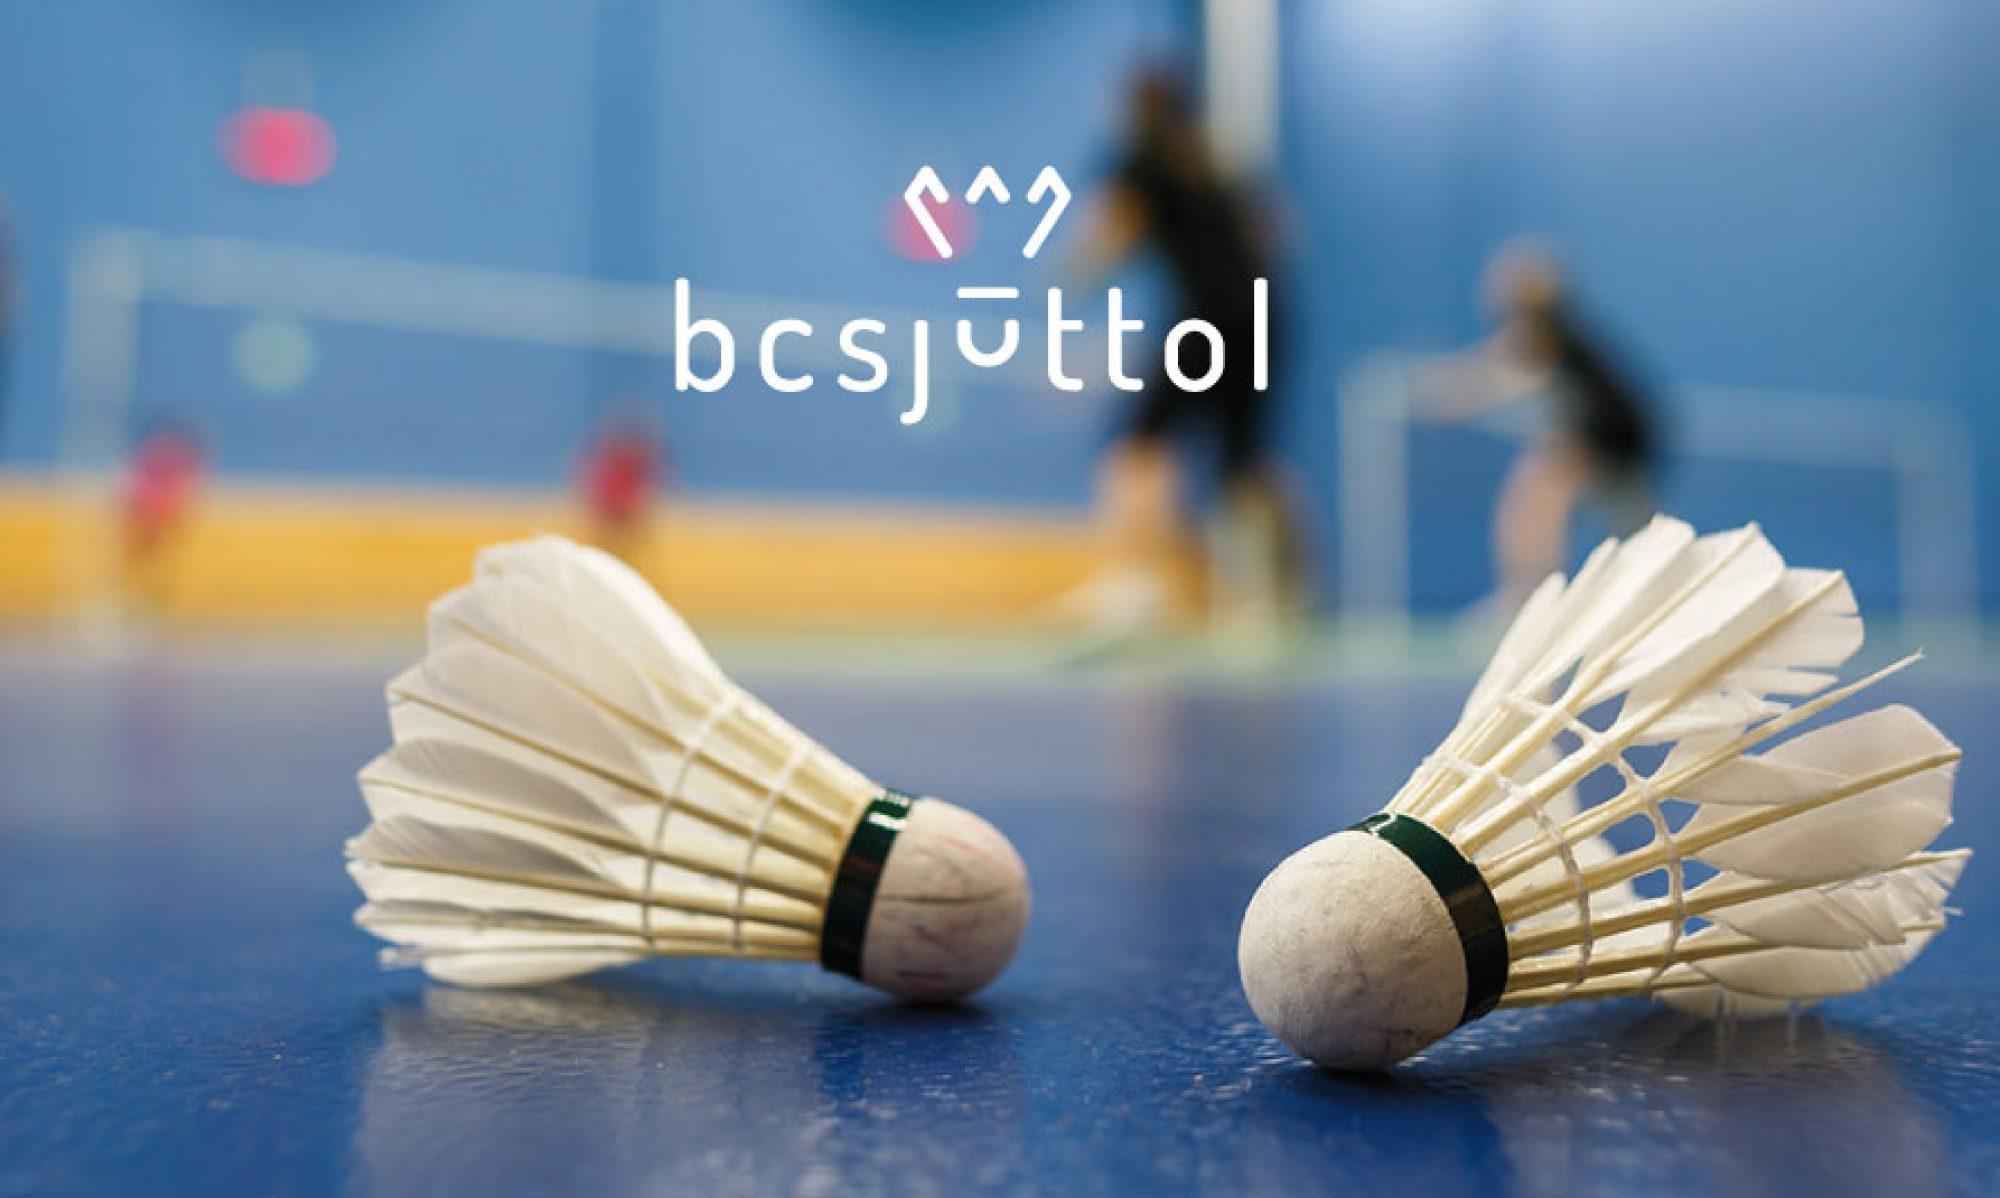 Badmintonclub SJUTTOL